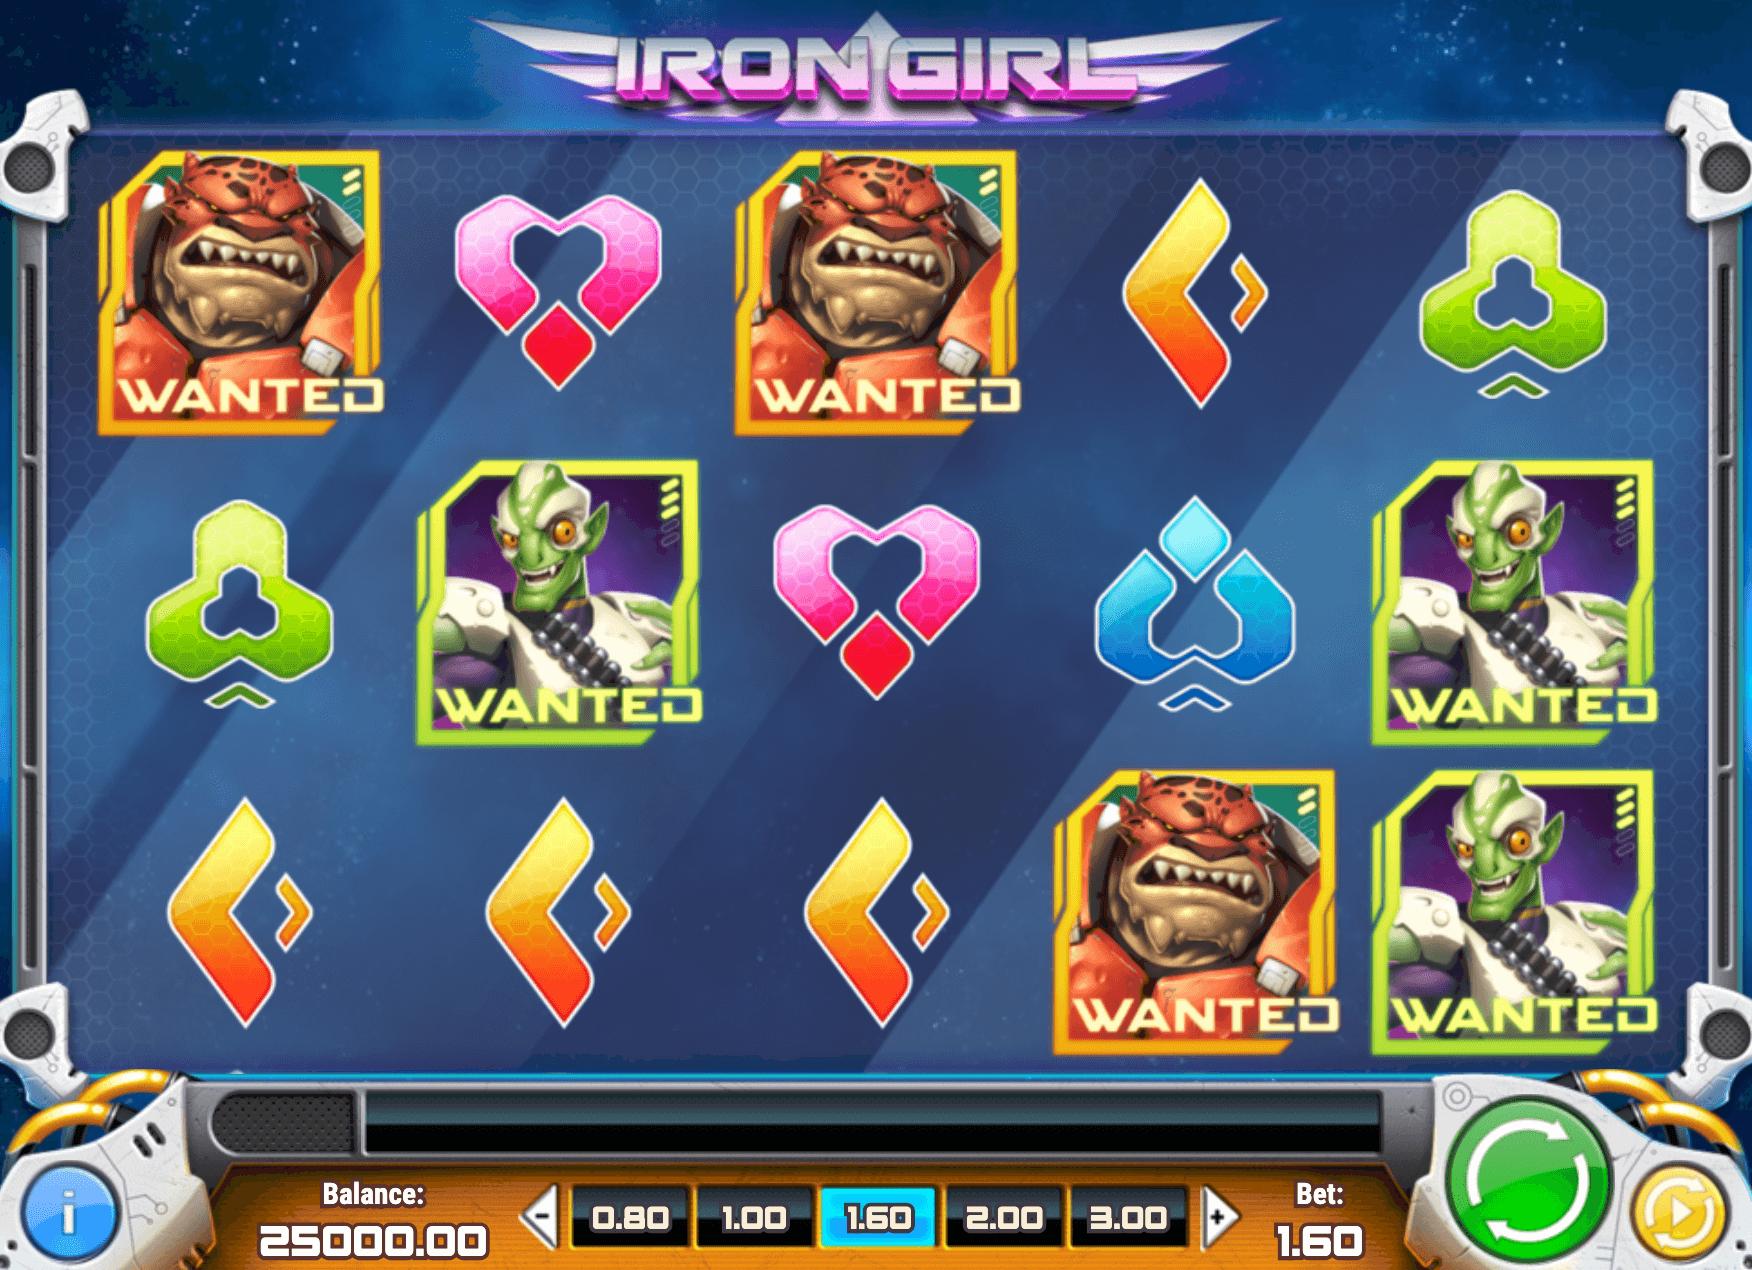 Iron Girl Online Slot